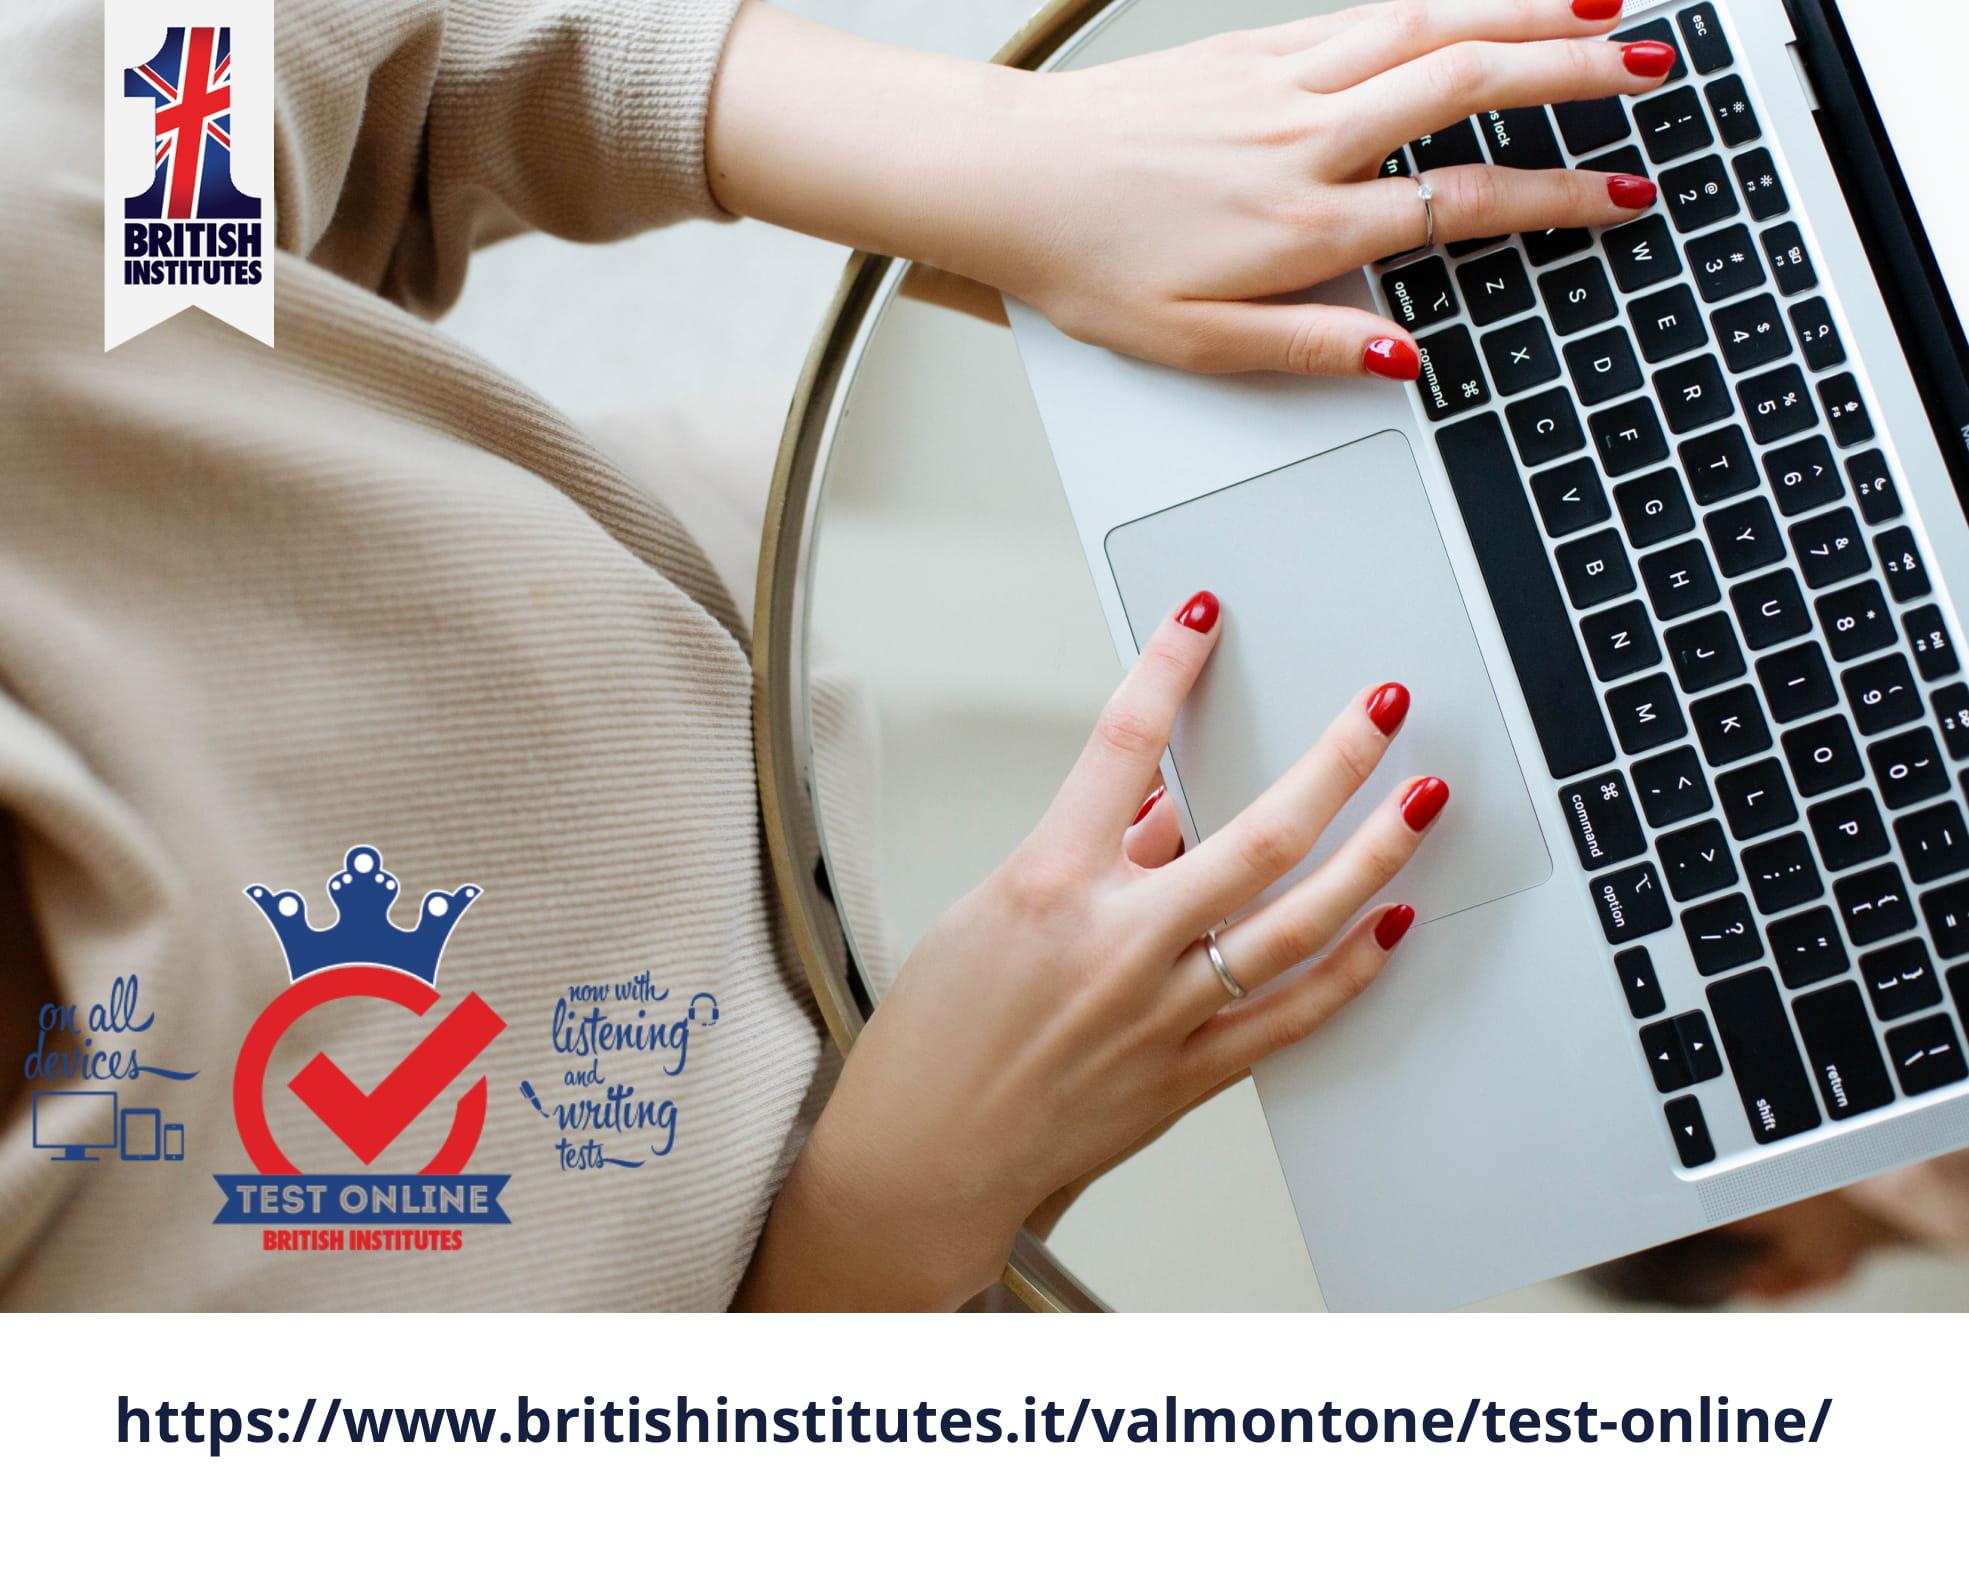 https___www.britishinstitutes.it_valmontone_test-online_-1